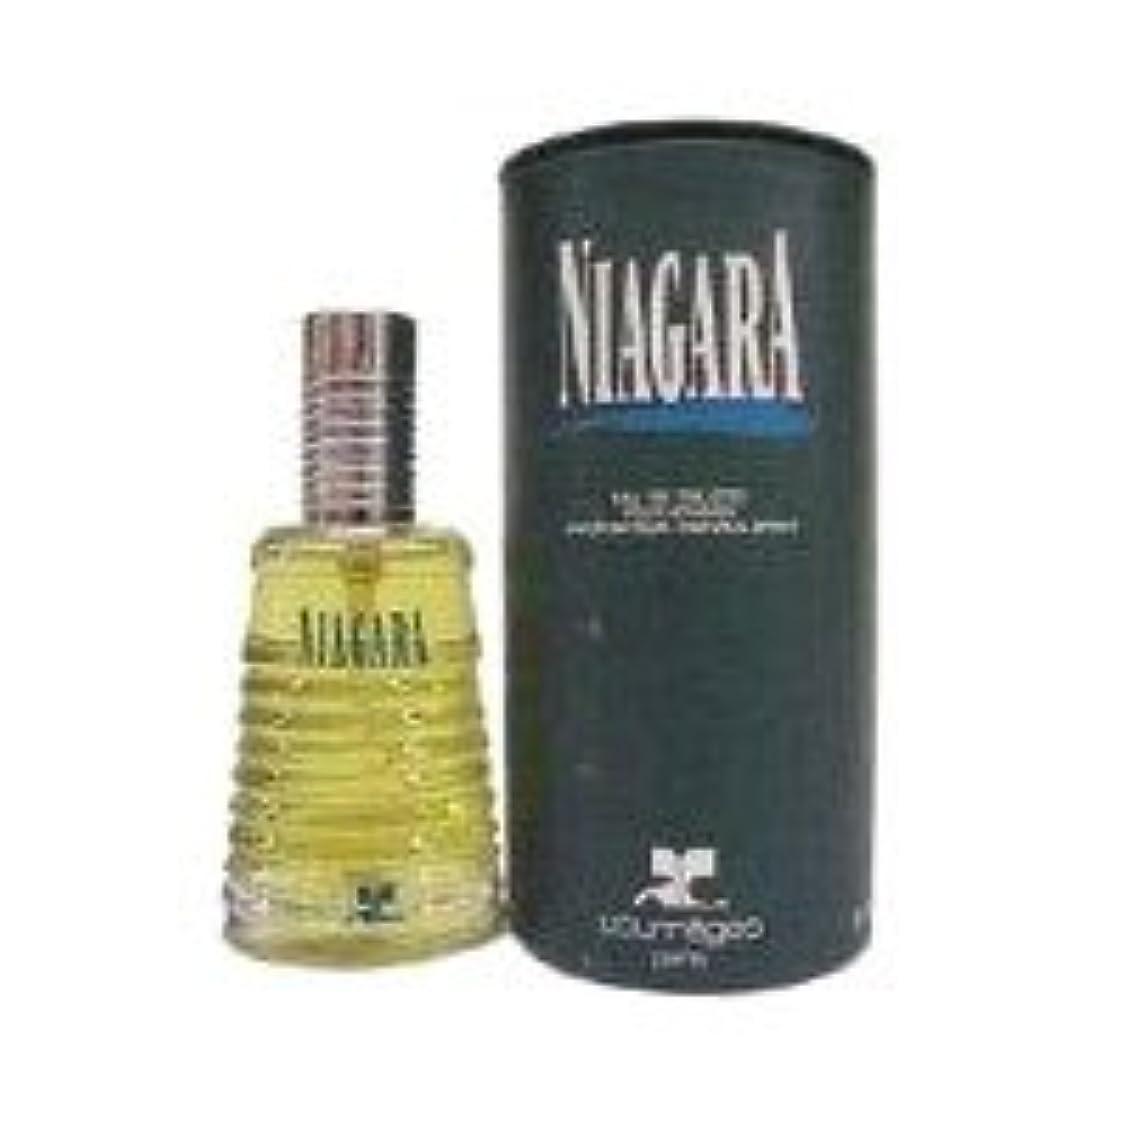 お嬢衣類物質Courreges Niagara (クレージュ ナイアガラ) 5ml ミニチュア by Courreges for Men